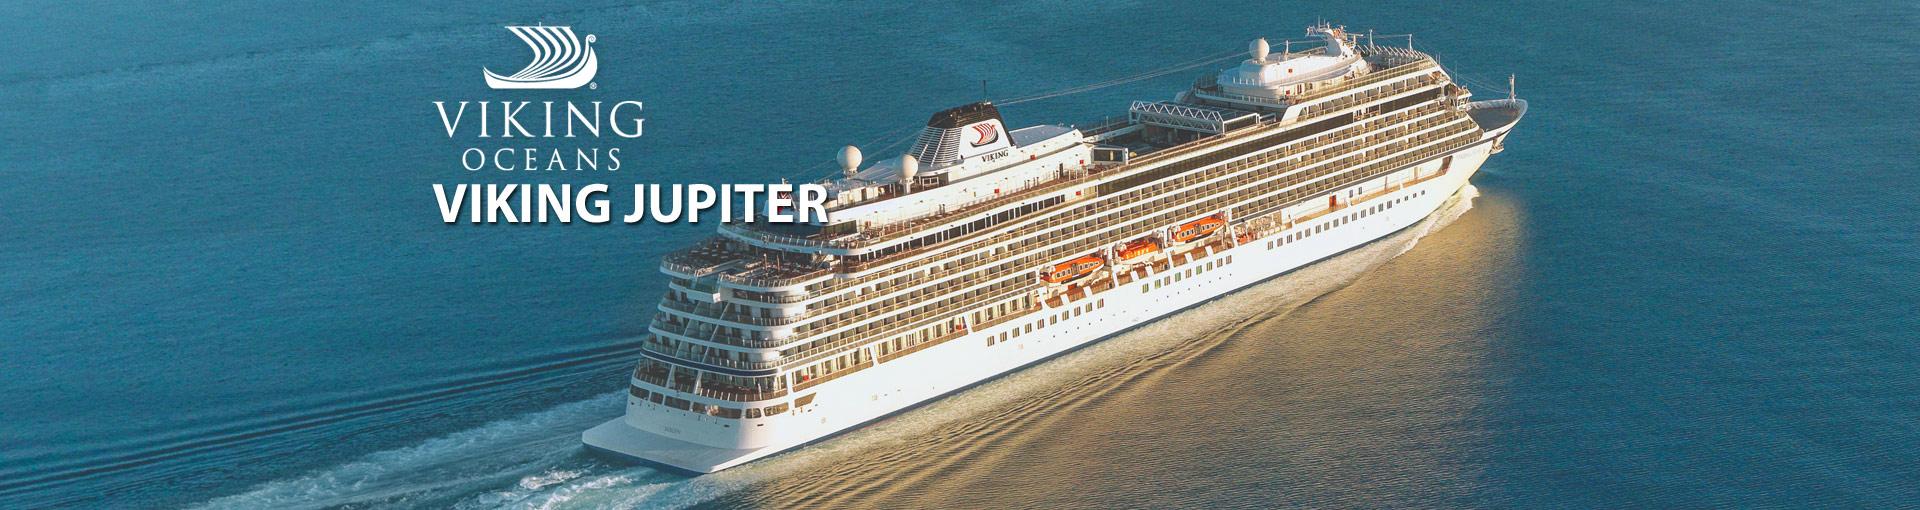 Viking Oceans Viking Jupiter Cruise Ship